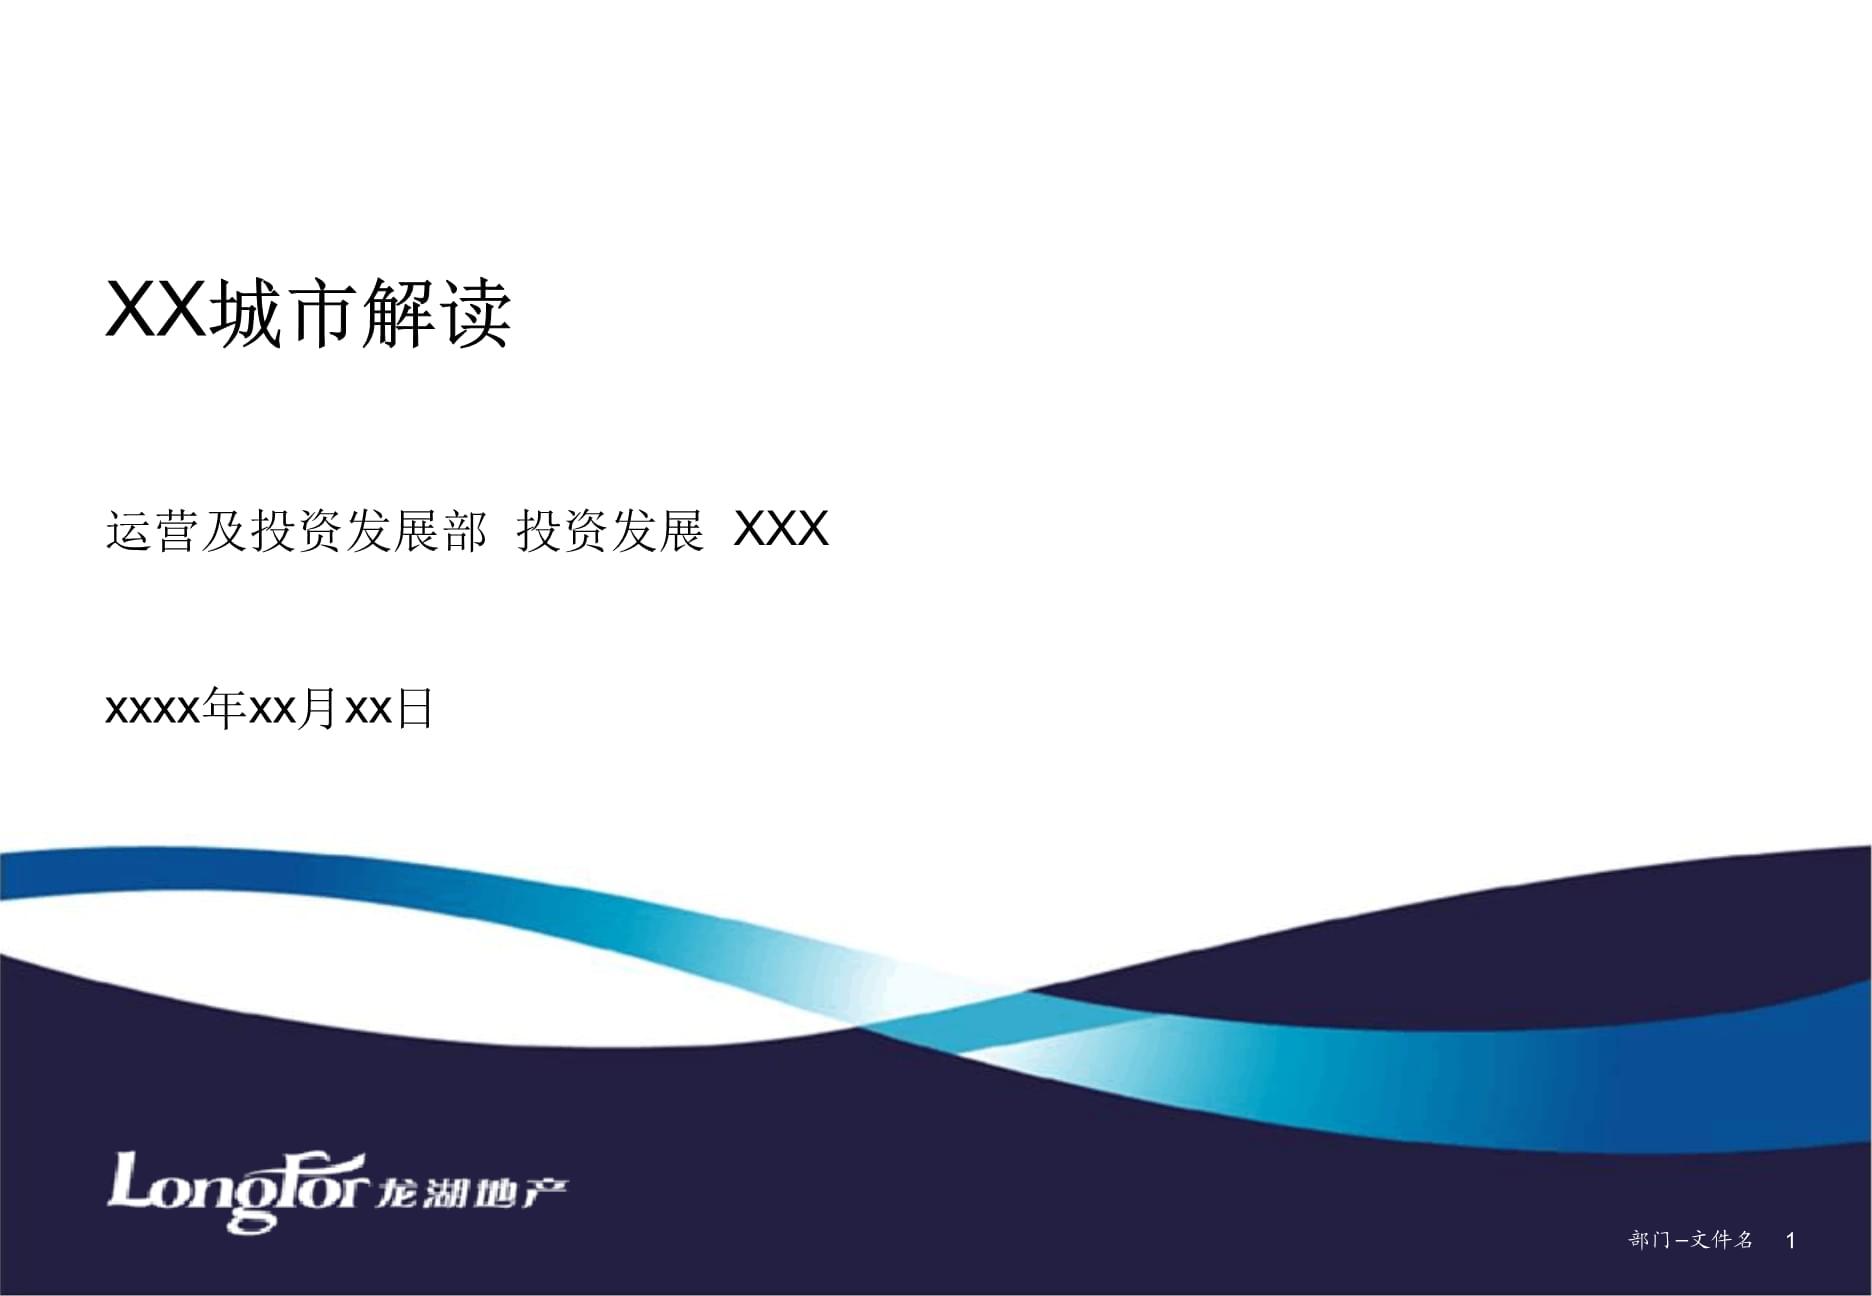 龙湖地产新进入城研究总结汇报模板内部.ppt